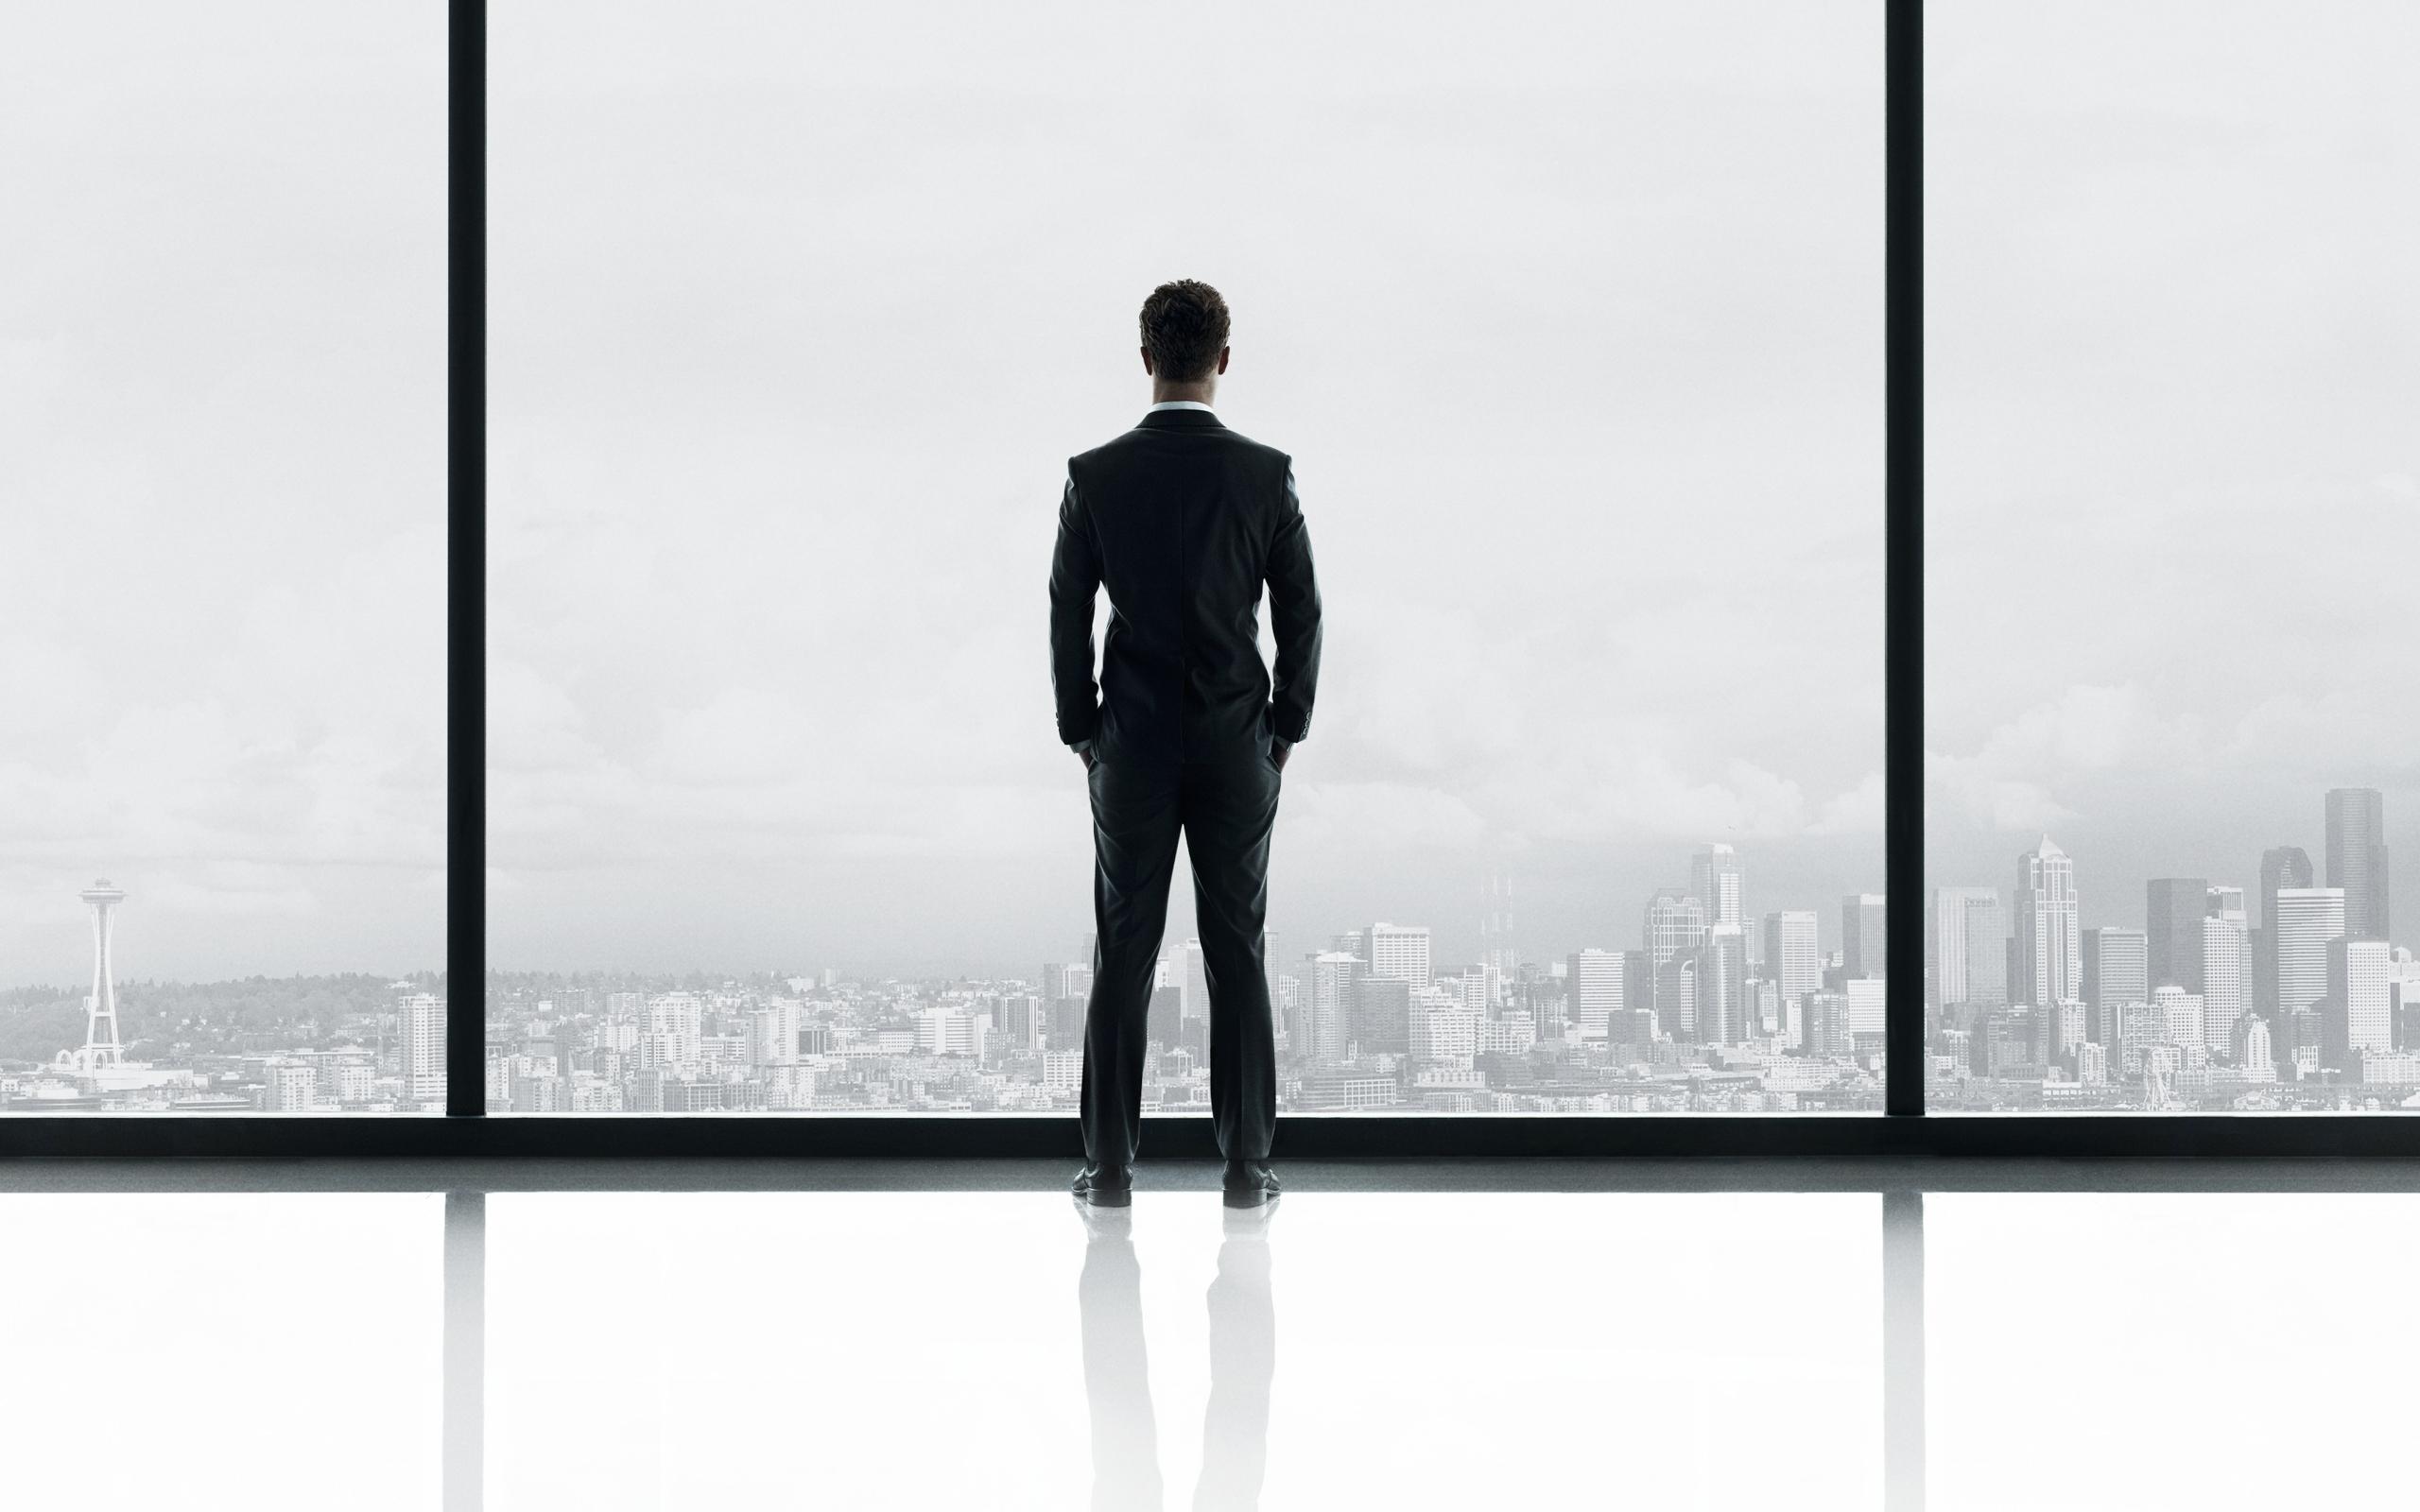 кино смотреть 50 оттенков серого в хорошем качестве